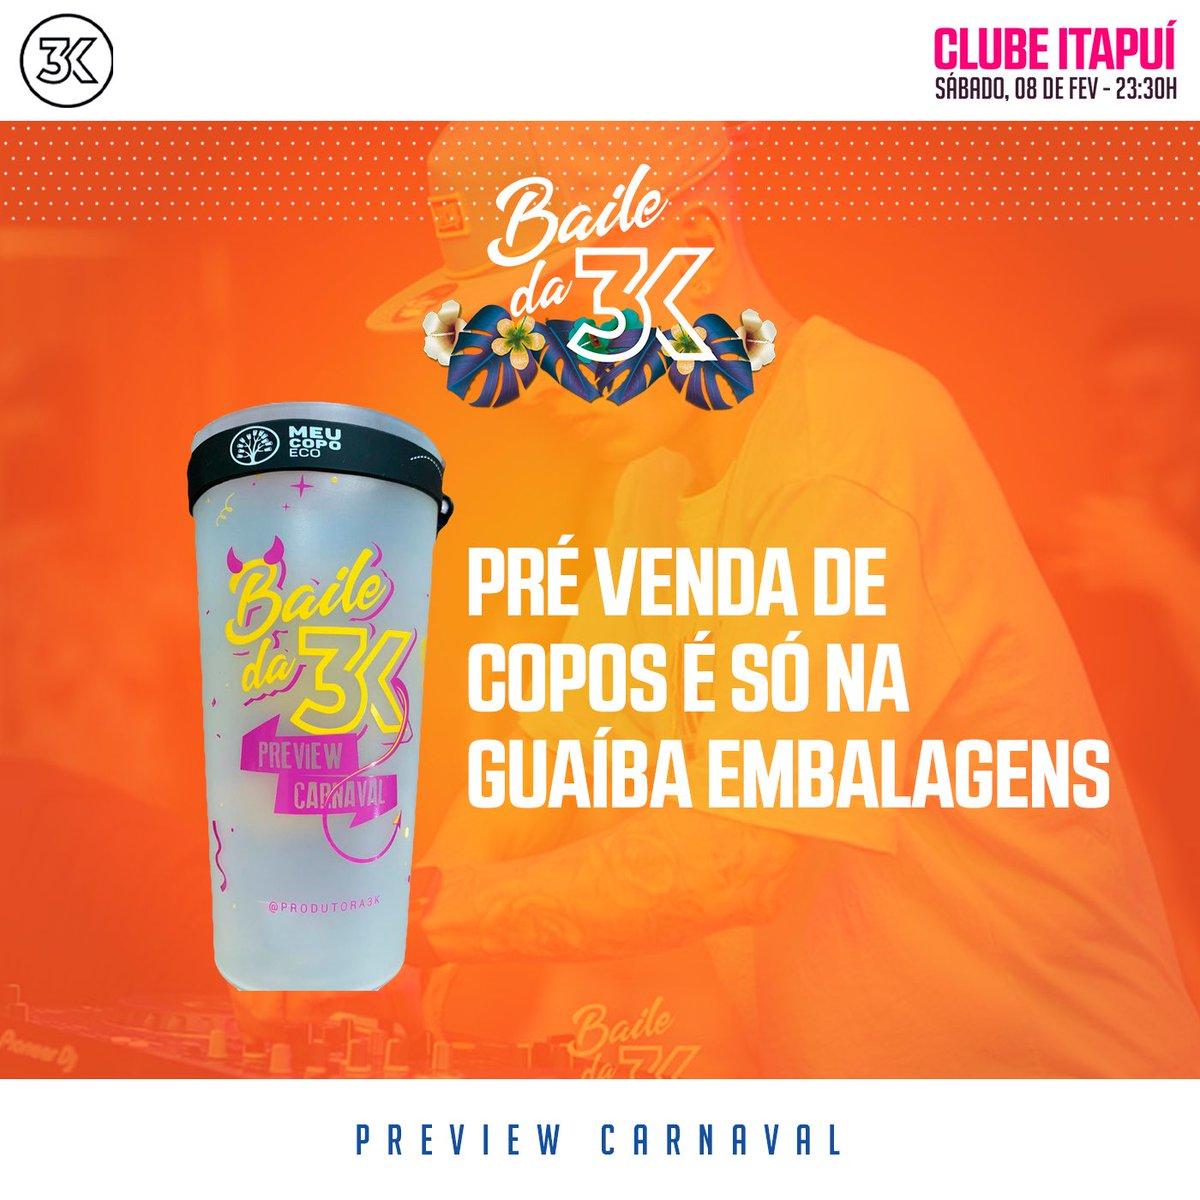 ELES CHEGARAM!🥤🎊  Agora é só correr na Guaíba Embalagens e garantir o teu copo eco p/ próxima edição do Baile! ♻️❤️   ⚠️ Vendas disponíveis a partir de quinta-feira (06/02) e em quantidade limitadíssima! Valor promocional: R$15,00 (550ml)  #MeuCopoEco #GuaíbaEmbalagens 🎊 https://t.co/NqlNG9zn43